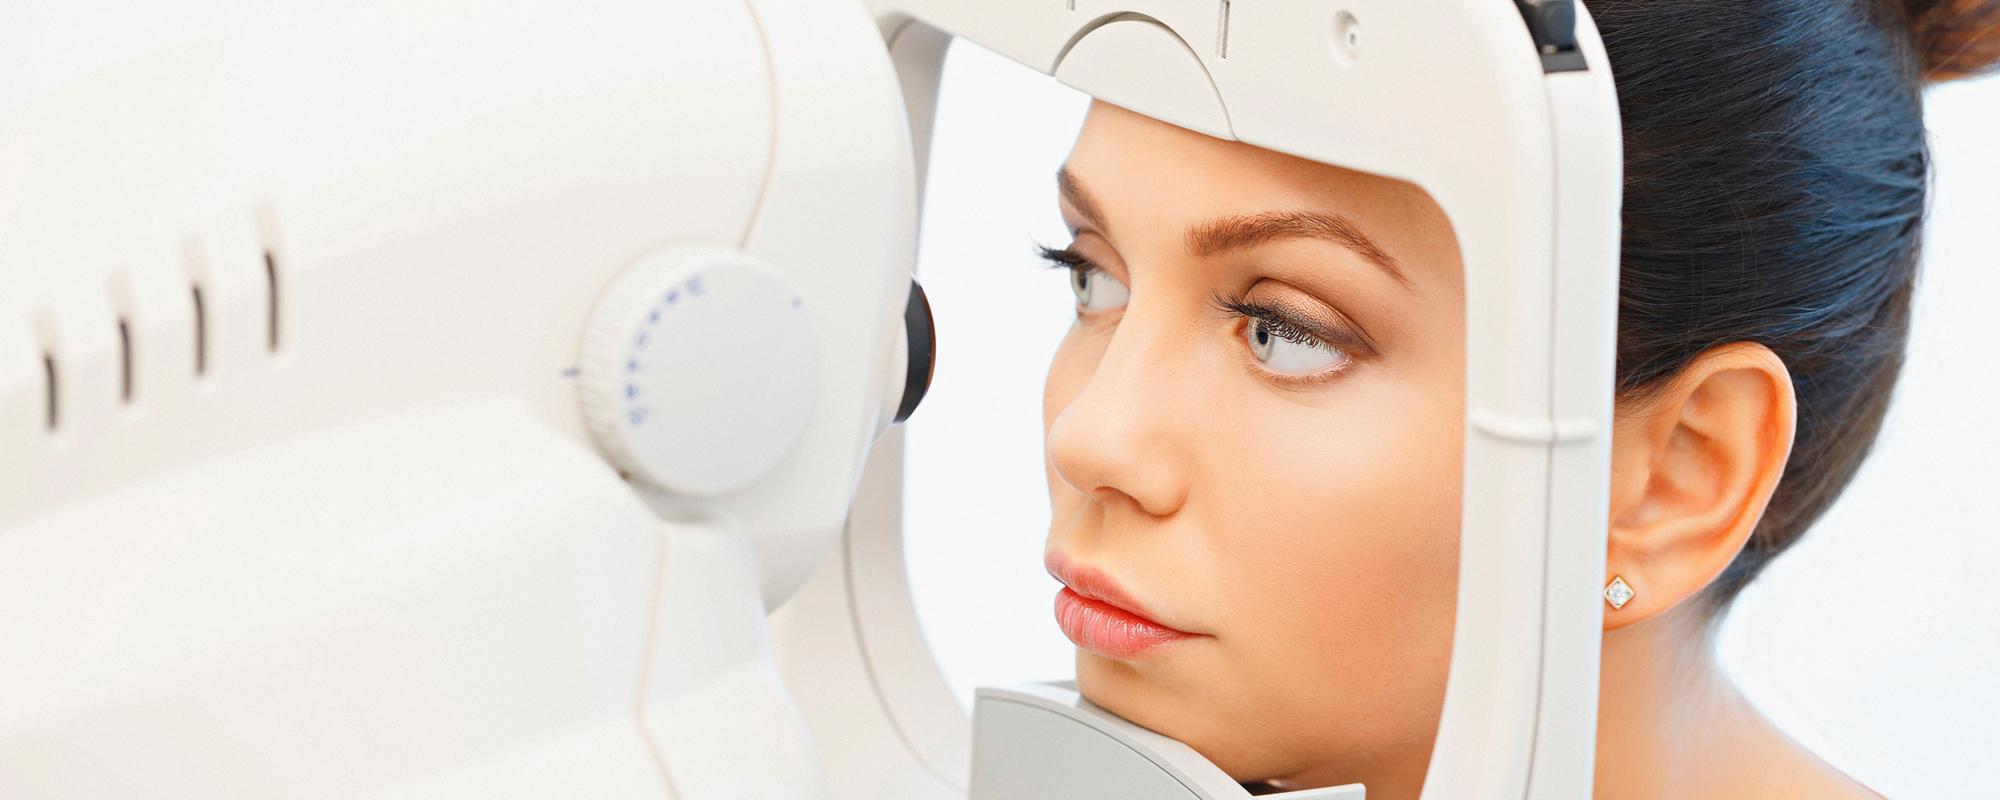 Mjeku i syve <span> te cilit mund ti besosh me sy mbyllur</span>